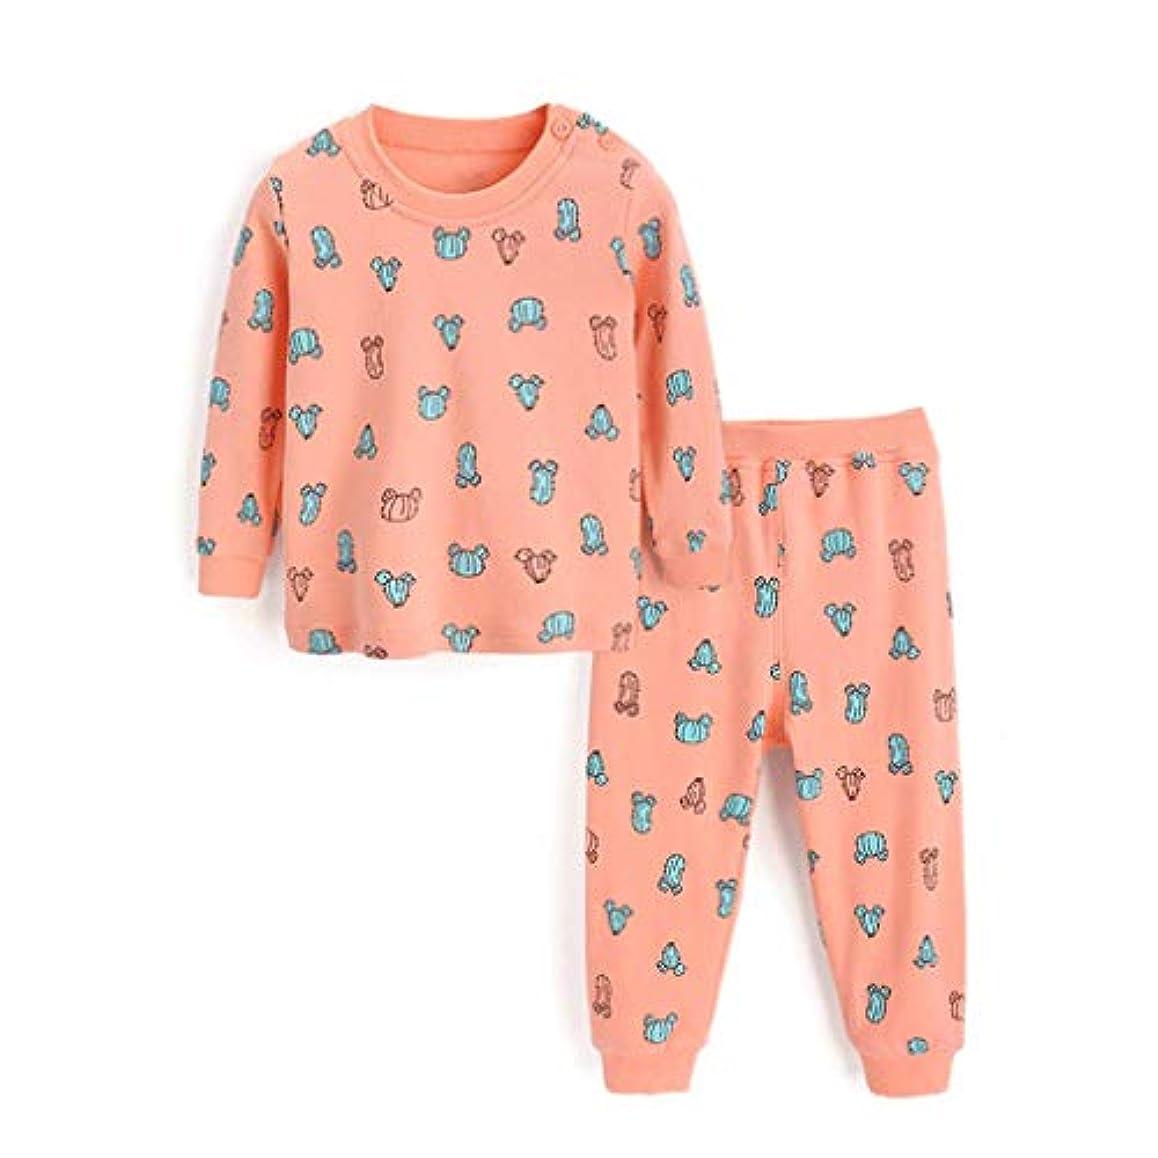 付けるお願いします変更可能子供用パジャマセットコットン春と秋と冬の女の子パジャマ秋の服ハロウィンパジャマ長袖2セットパジャマ年齢1-7歳 (Size : Orange color-73CM)